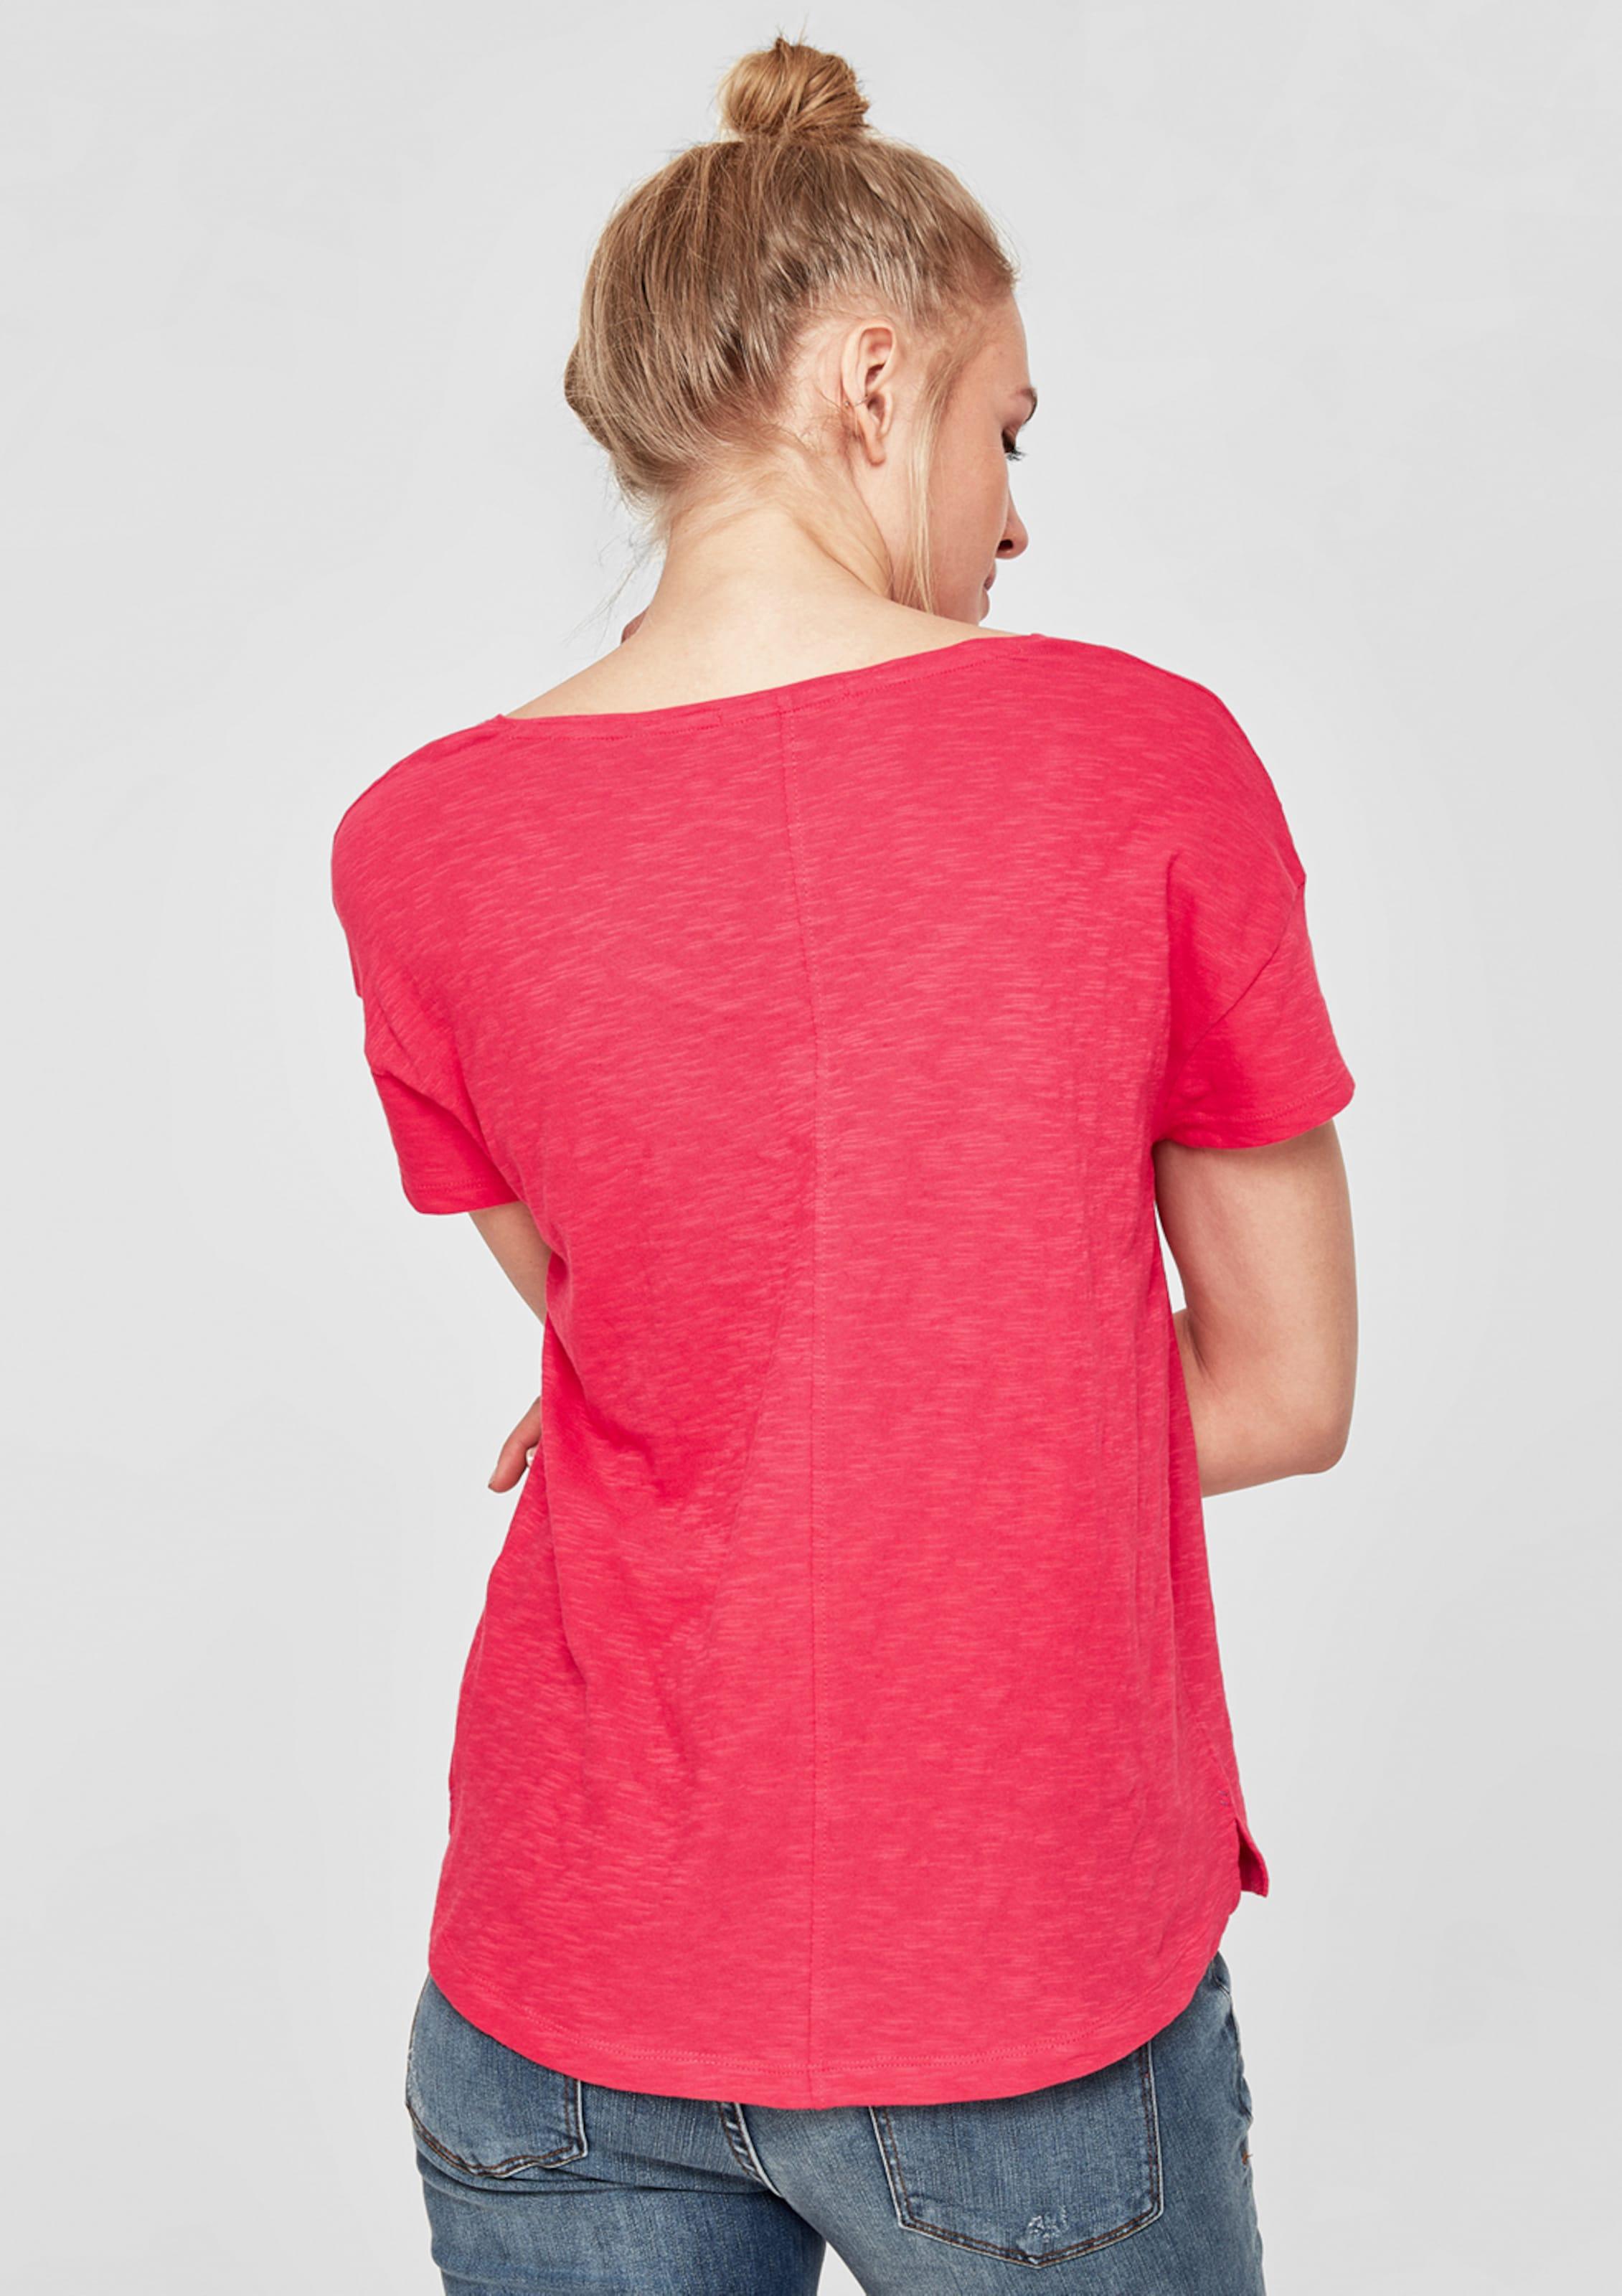 Label Red oliver S GrünRot Shirt In Y6Ib7gyfv